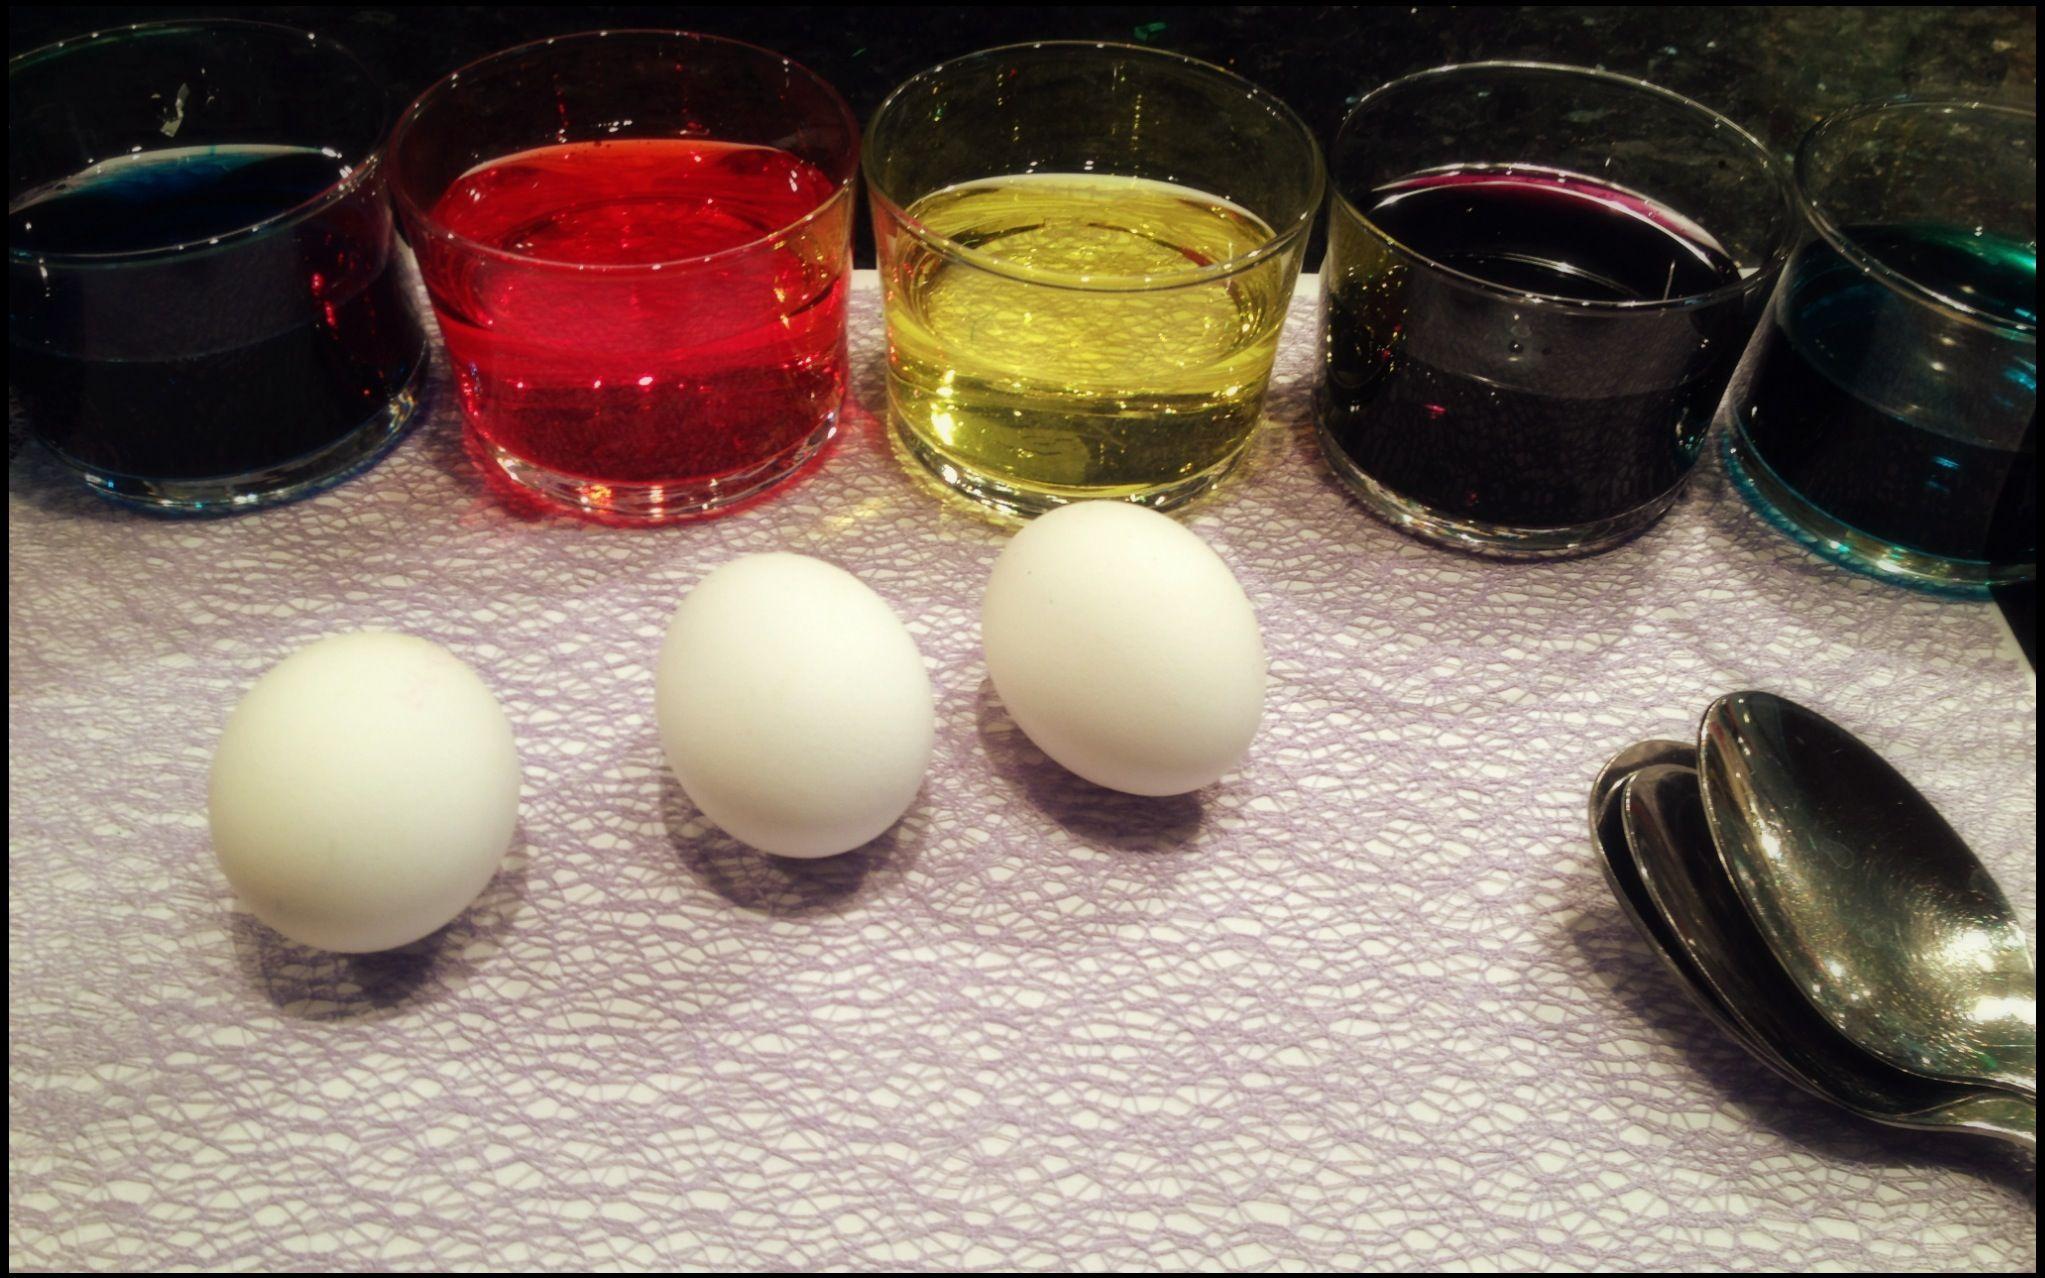 Jetzt kann's losgehen:   Lege das Ei auf den Löffel und transportiere es in das Glas mit Farbe. Dort lässt du es rund sechs Minuten die Farbe einziehen. Danach nimmst du es wieder mit einem Löffel aus dem Glas, tupfst es sorgfältig mit einem Haushaltspapier ab und wenn du möchtest, kannst du es mit wenig Öl einschmieren, damit die Farbe noch besser zur Geltung kommt.   Foto: ImmoScout24